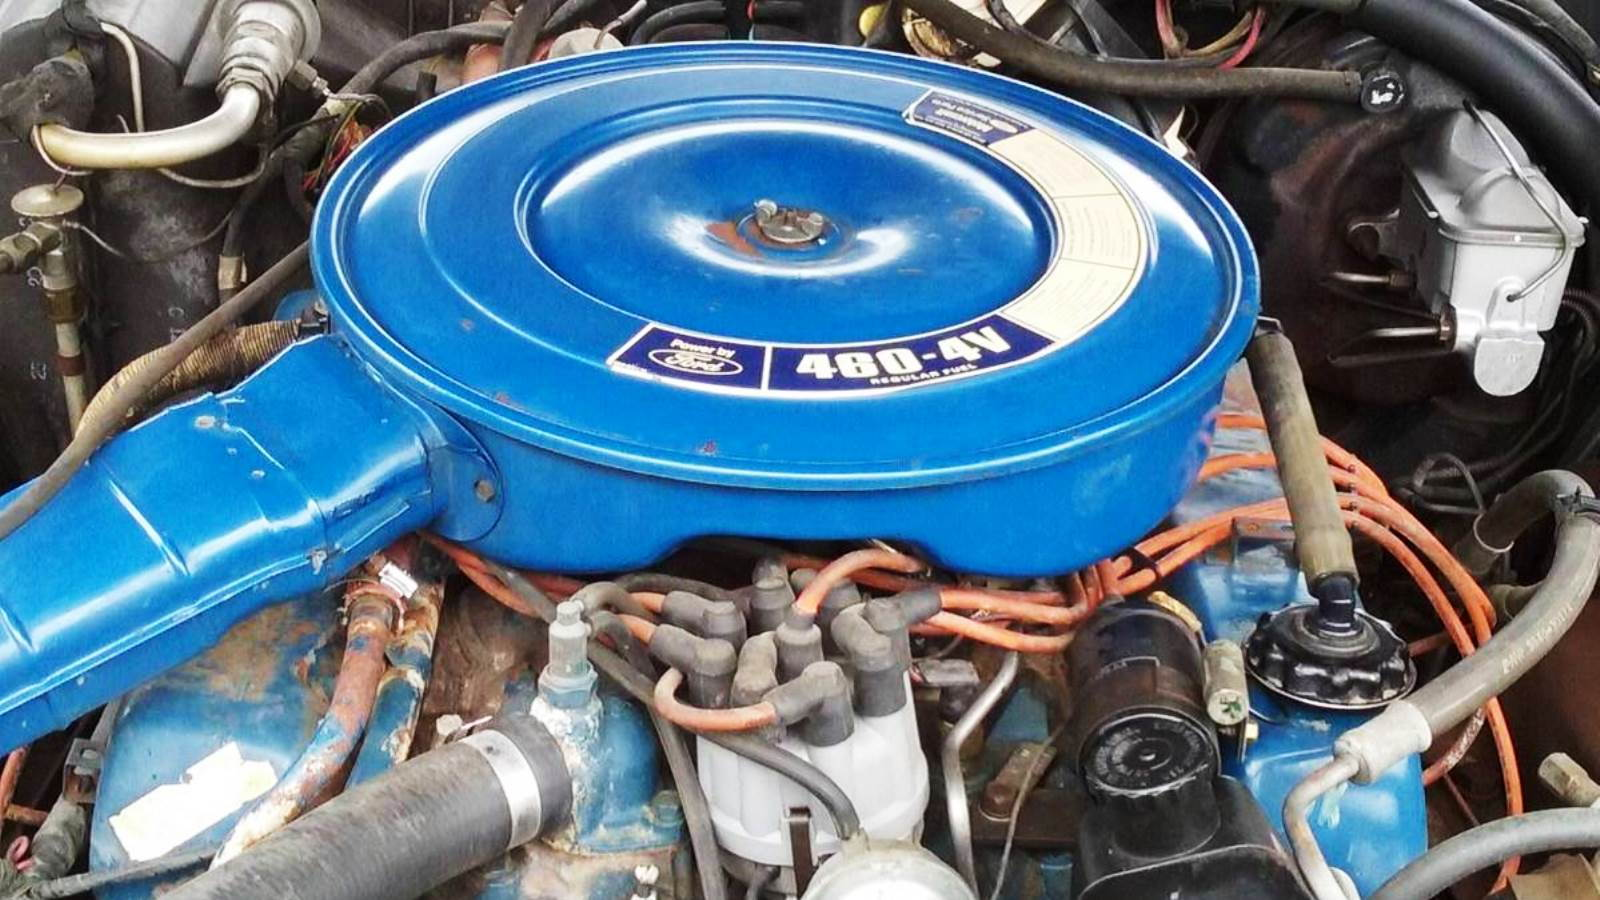 5. Ford 460 V-8